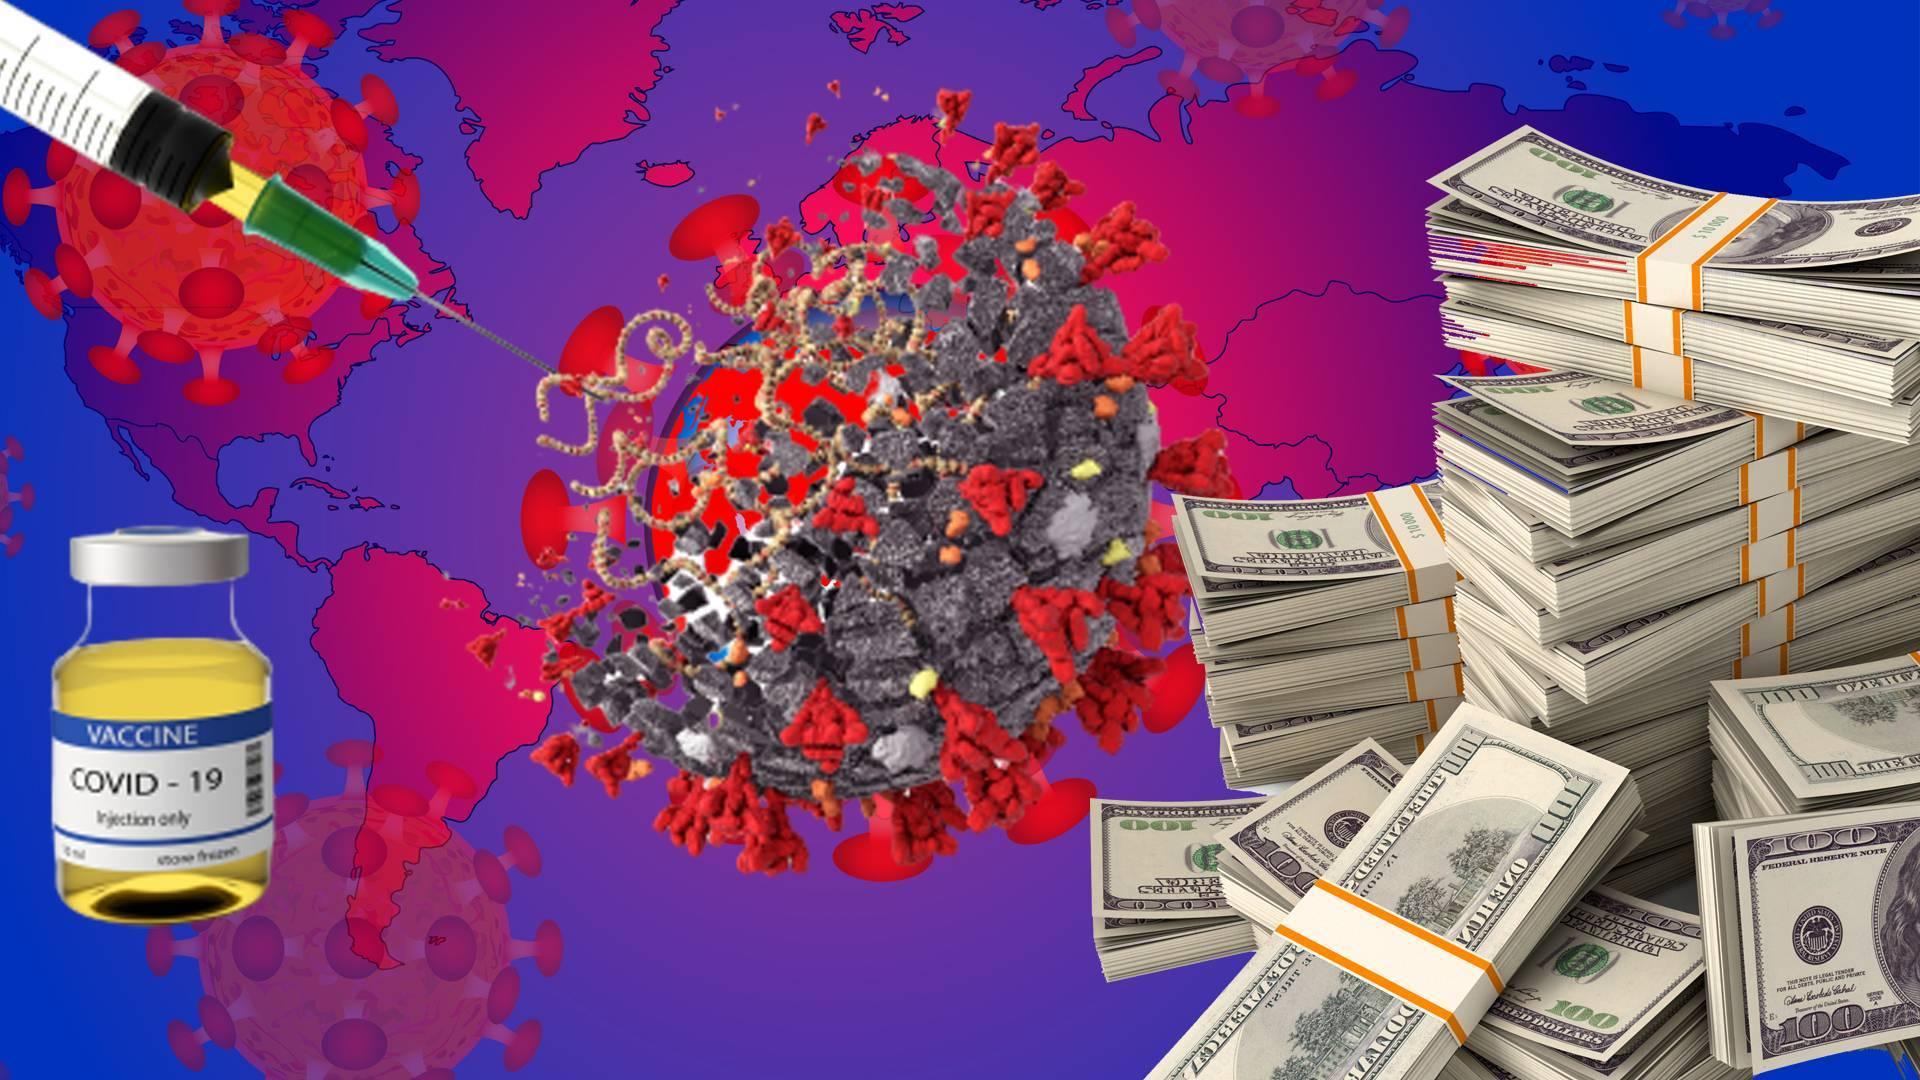 ماذا وراء الإسراف في إنتاج لقاحات فيروس كورونا؟